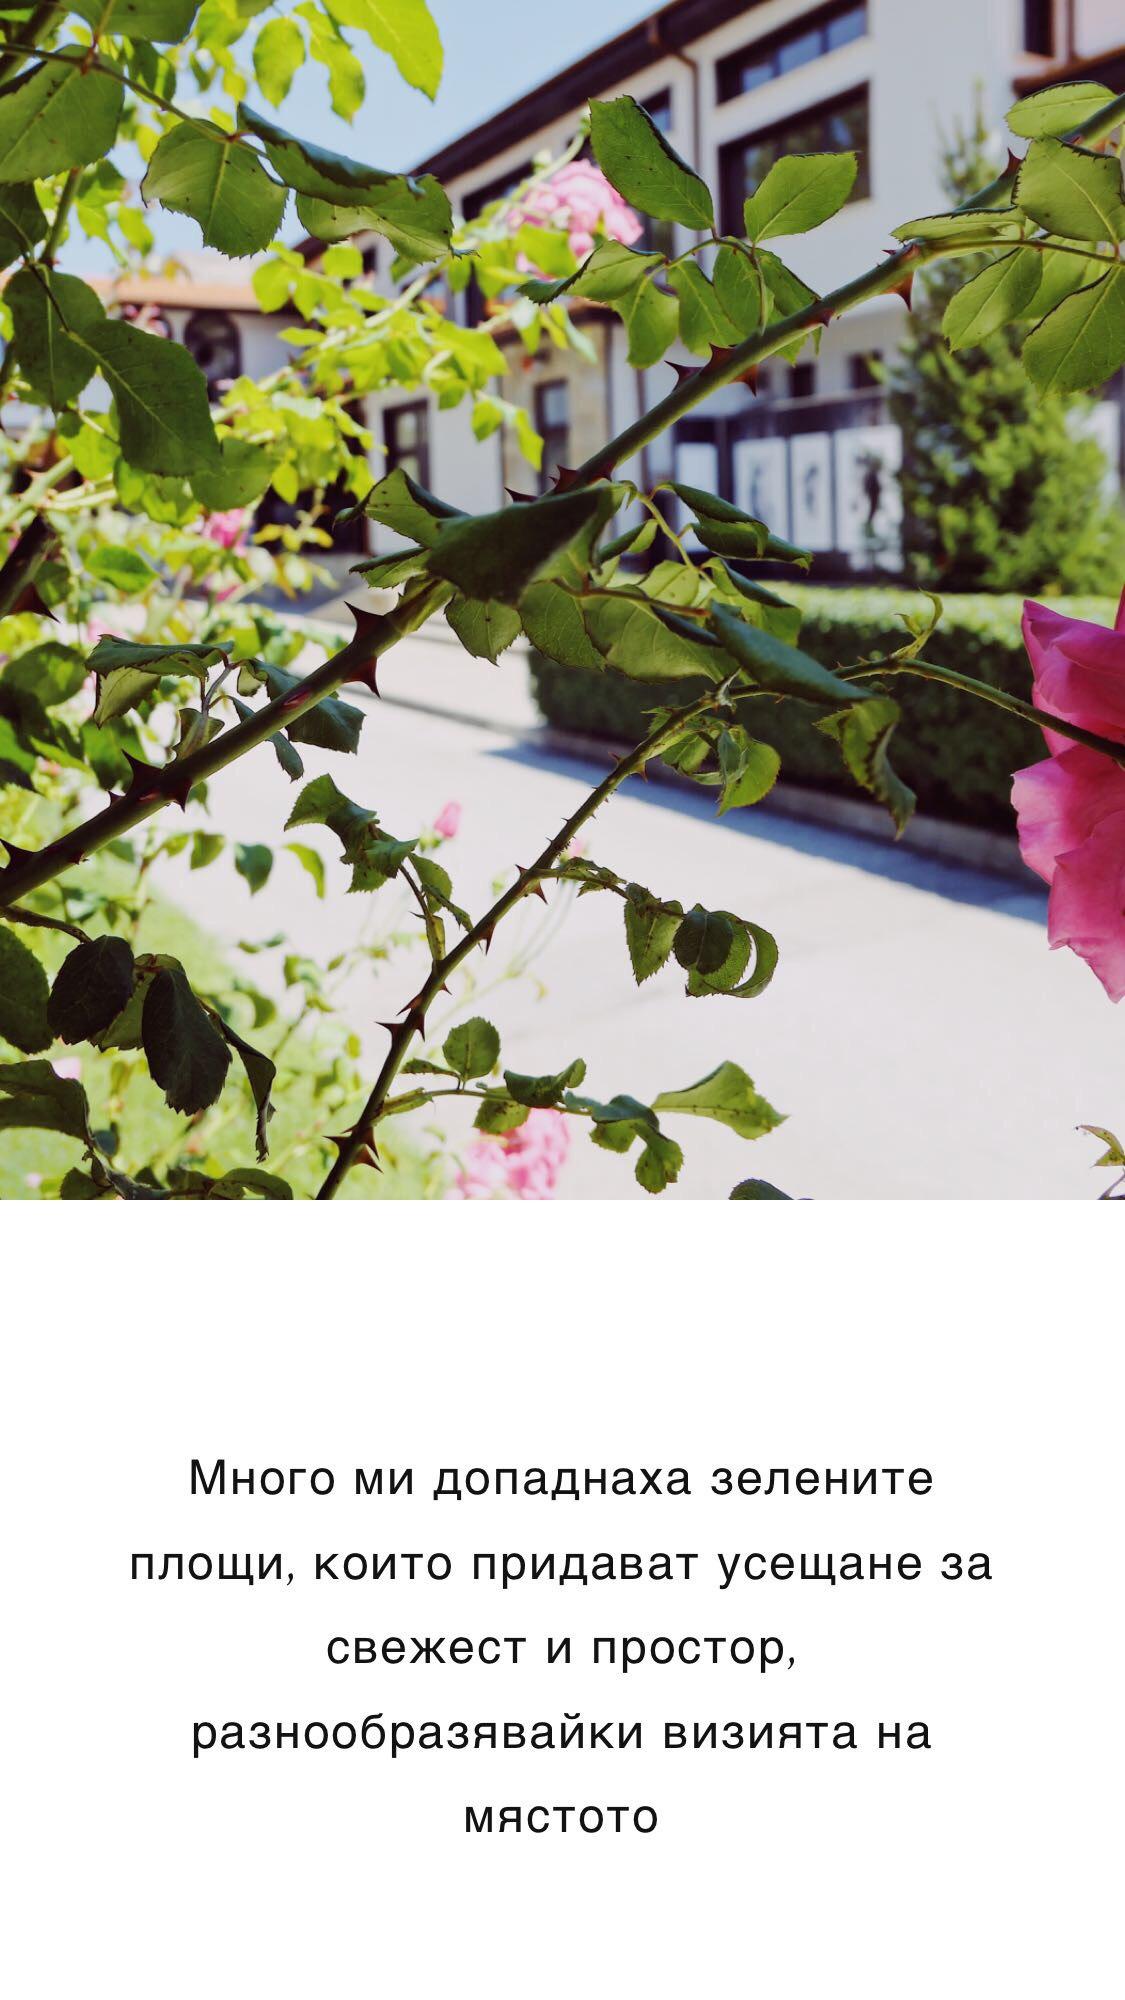 IMG_4138.jpeg